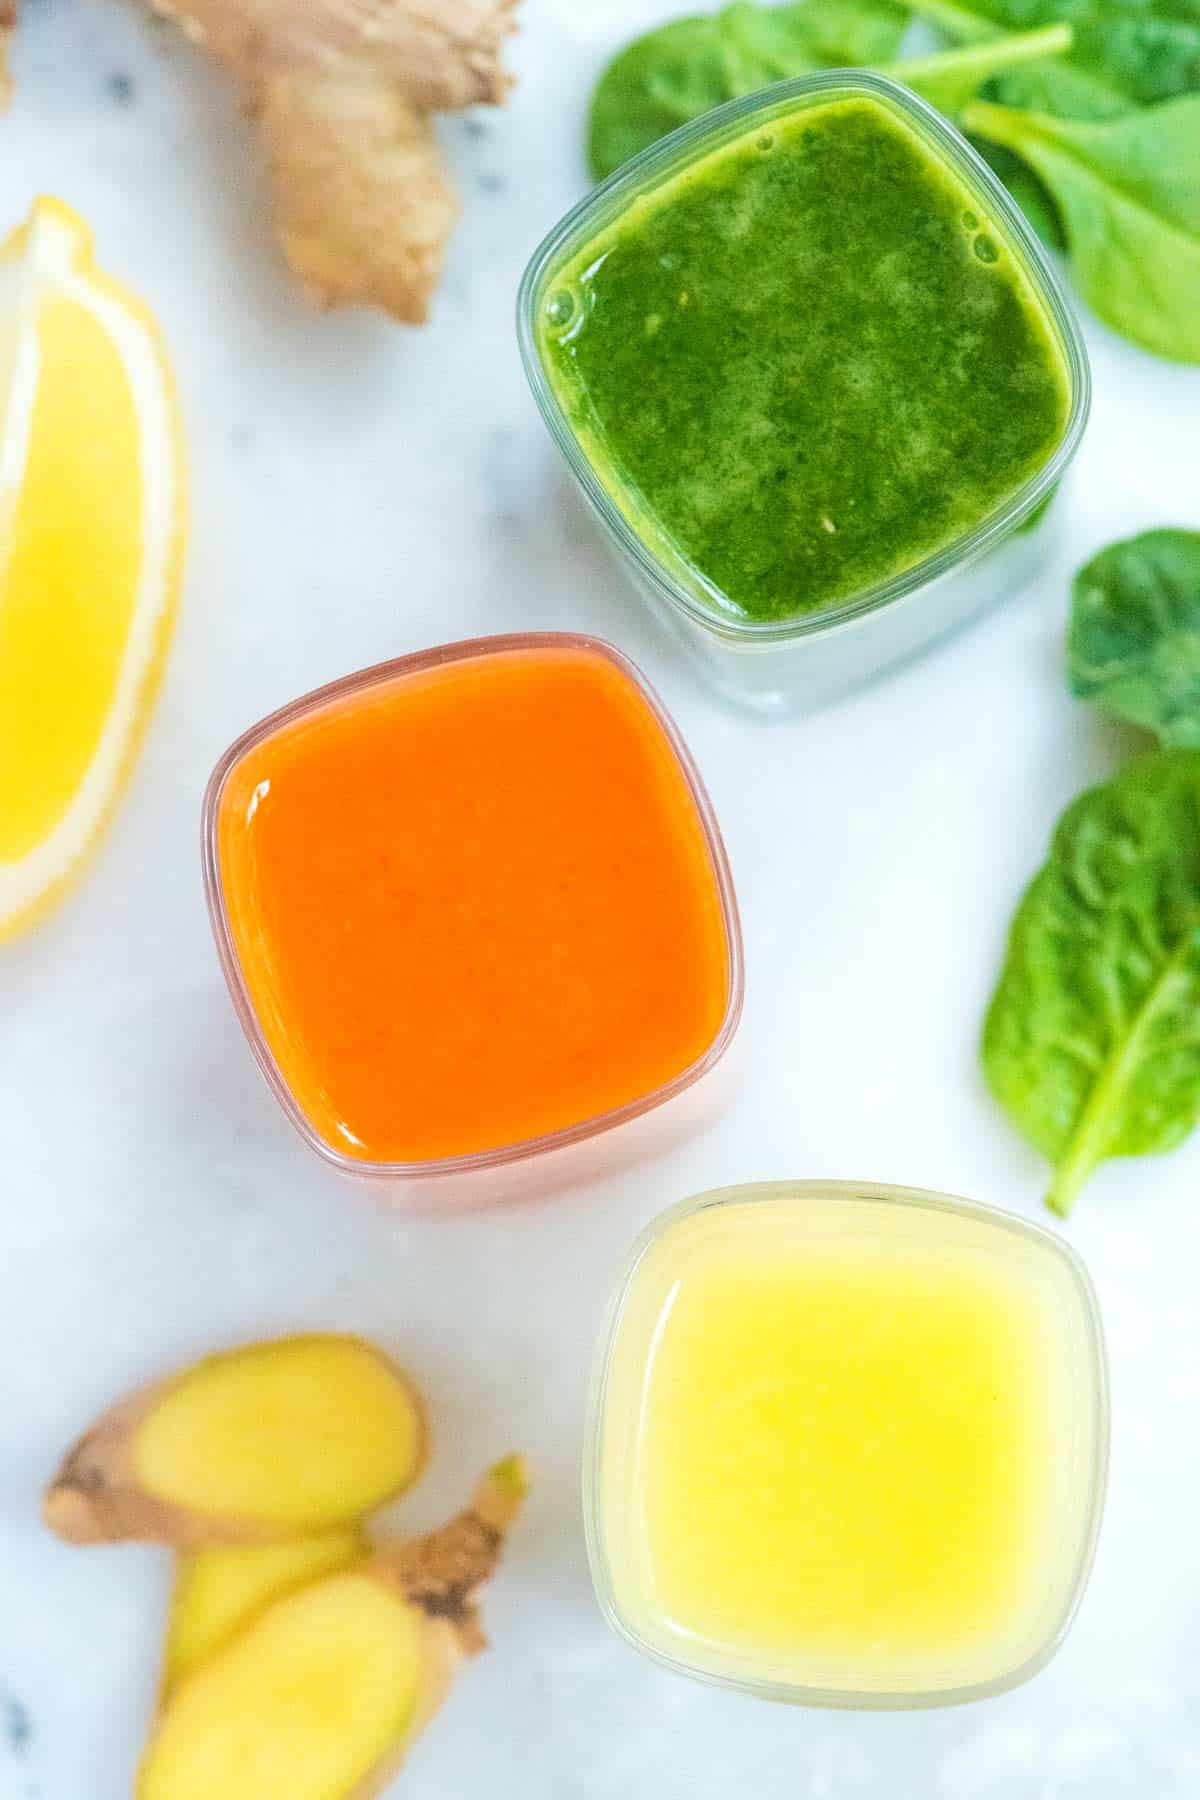 Cómo hacer chupitos de jengibre, incluidos el jengibre limón, el jengibre de zanahoria y el chupito de jengibre verde